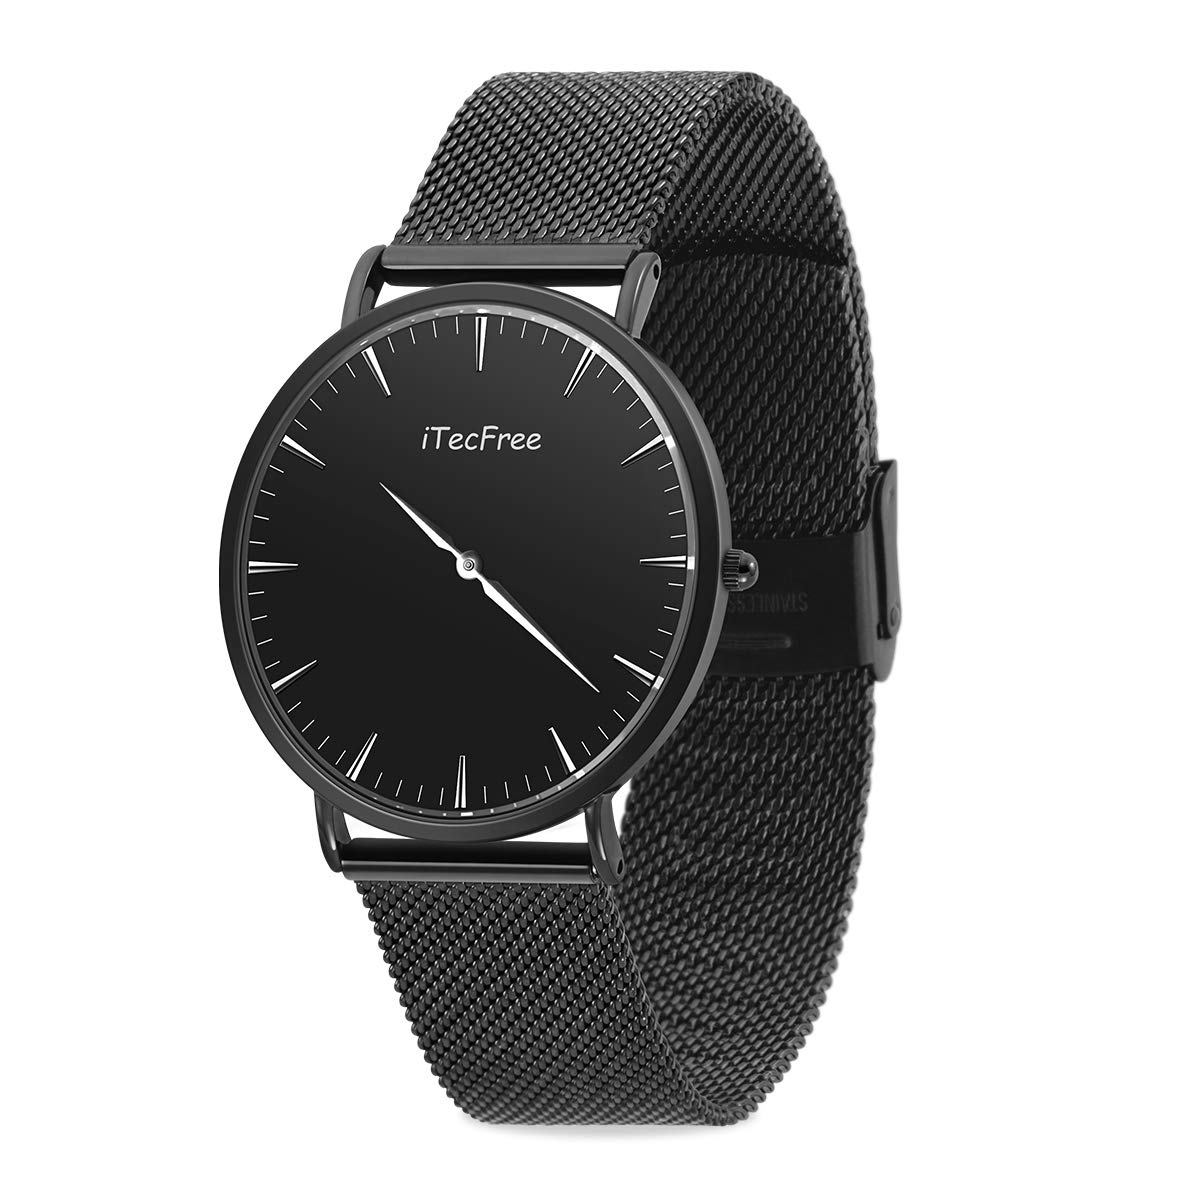 Pulsera del Relojes,Reloj de Pulsera Cuarzo Reloj de Pulsera Reloj Hombre Elegante Casuales de Lujo Clásicos de Acero Inoxidable Impermeables para Hombres (Blanco)